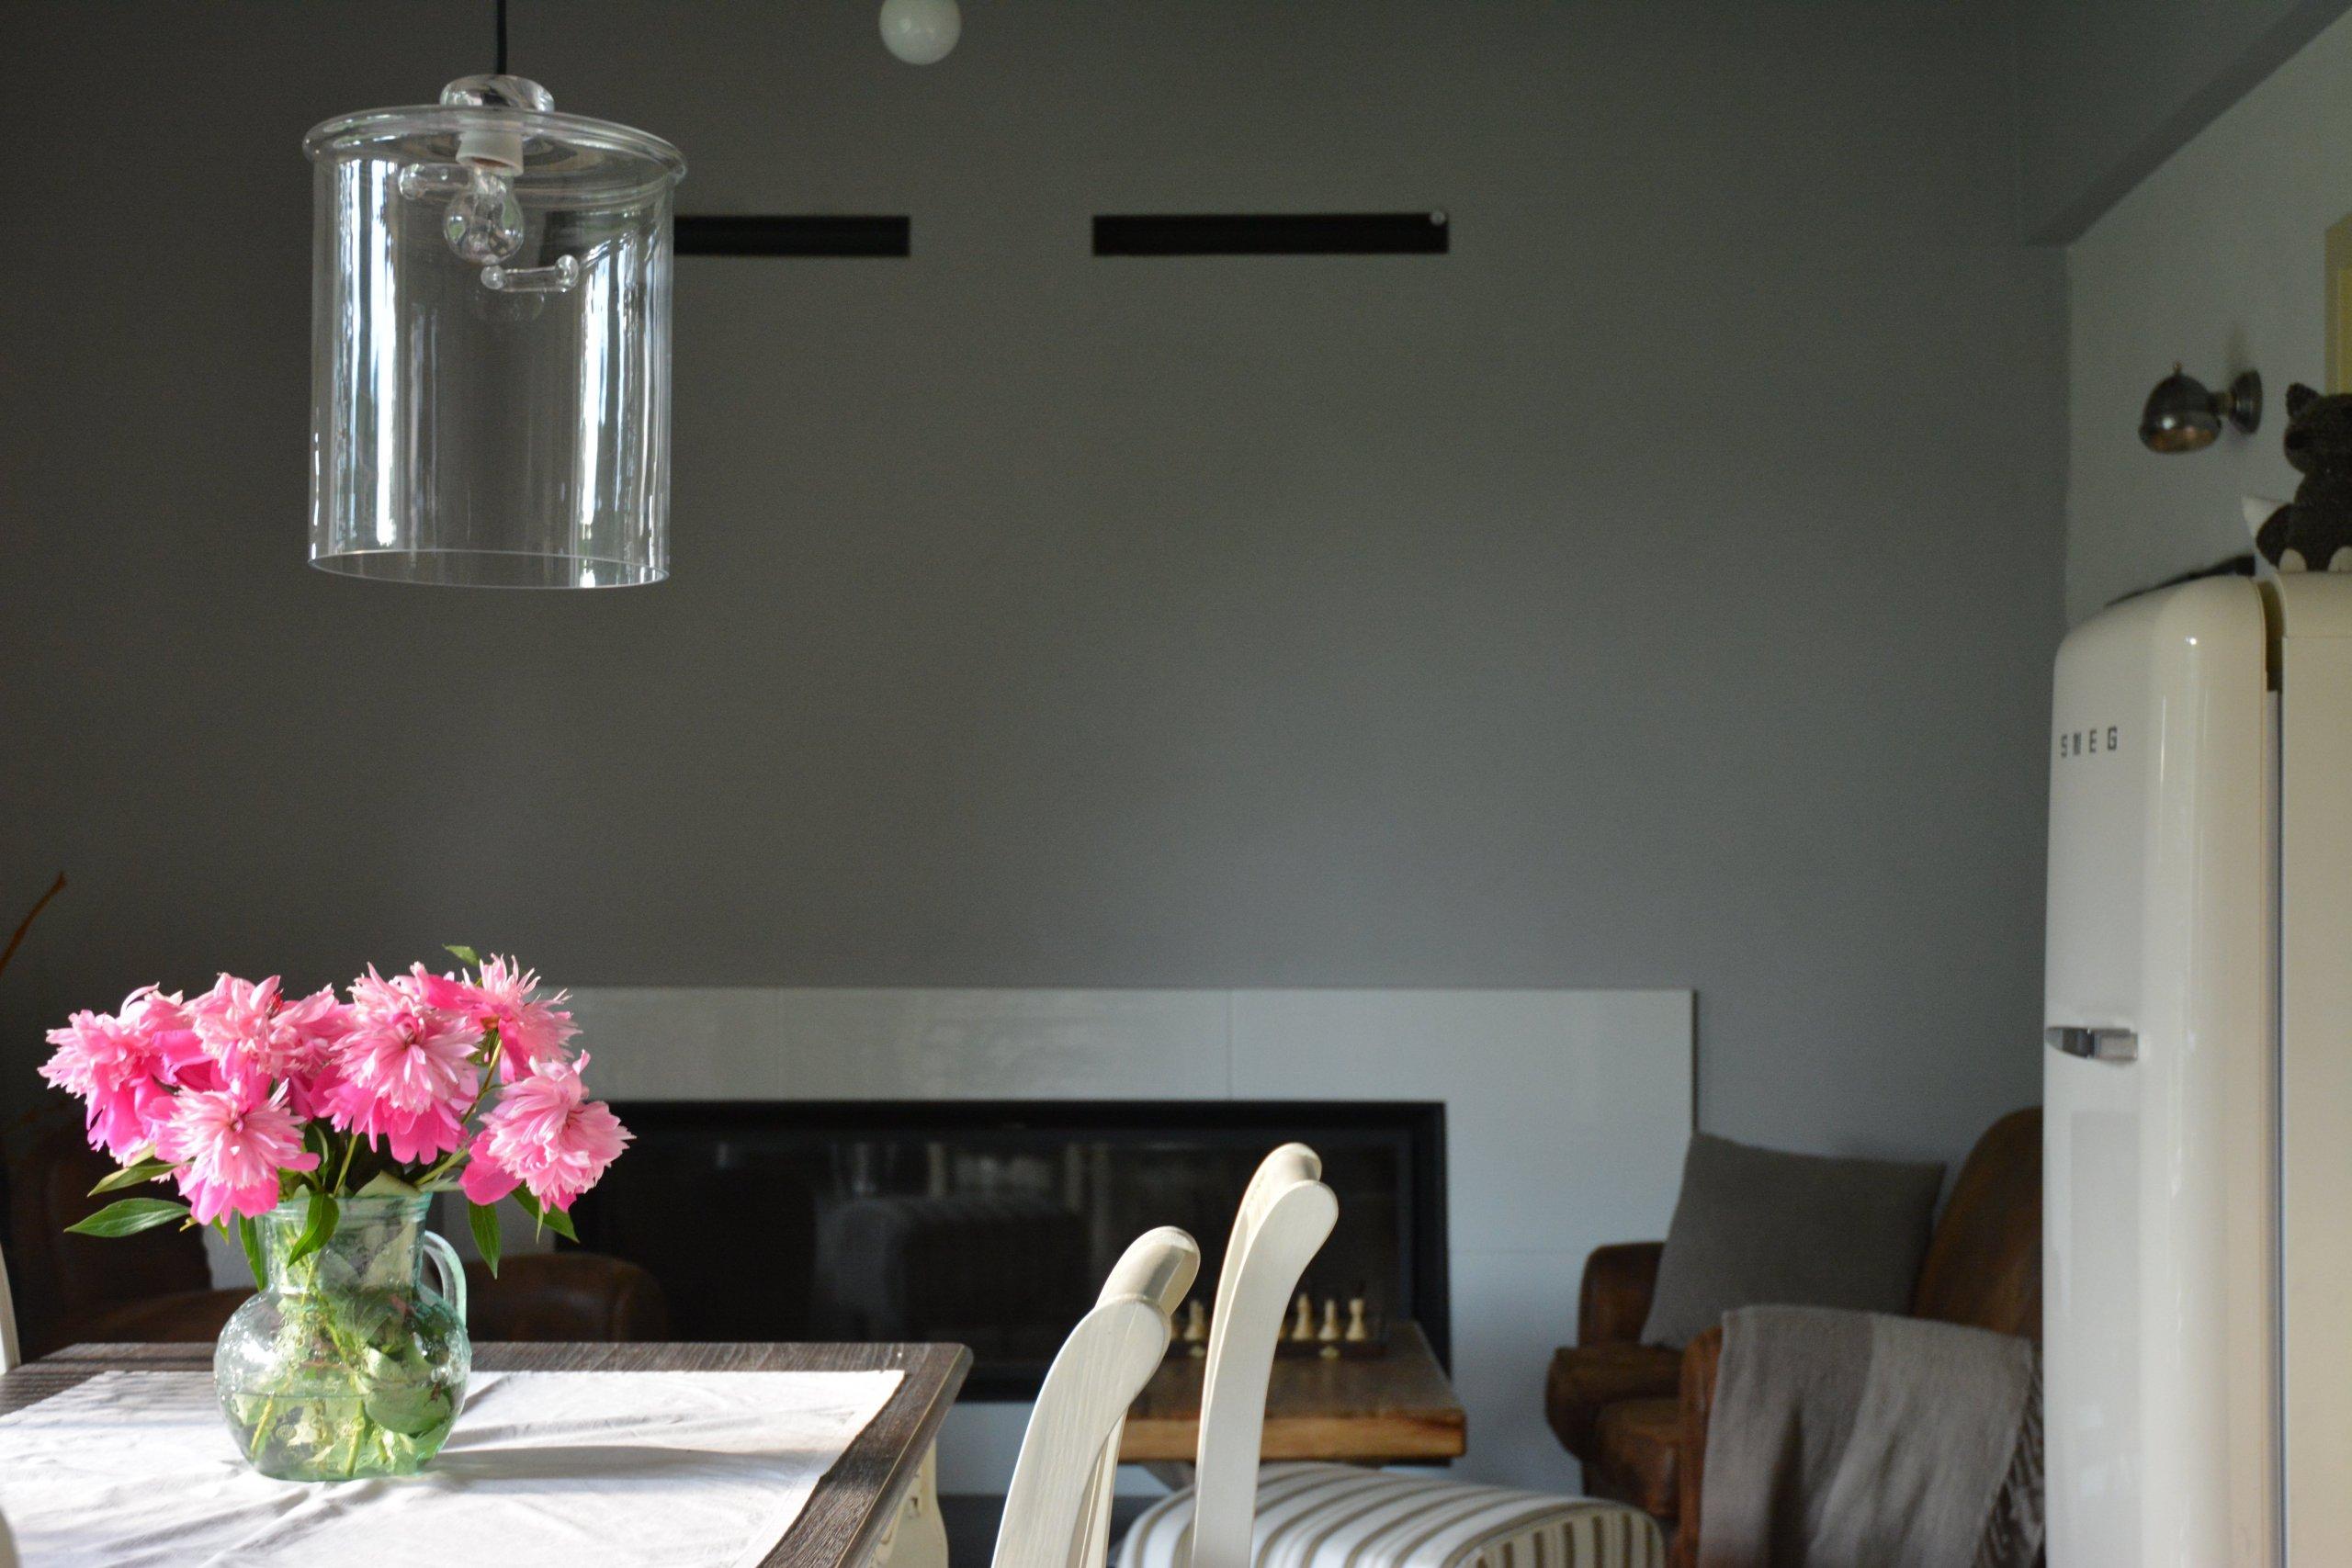 Detail na na obýváková kout s koženou sedačkou a krbem s panoramatickým prosklením.